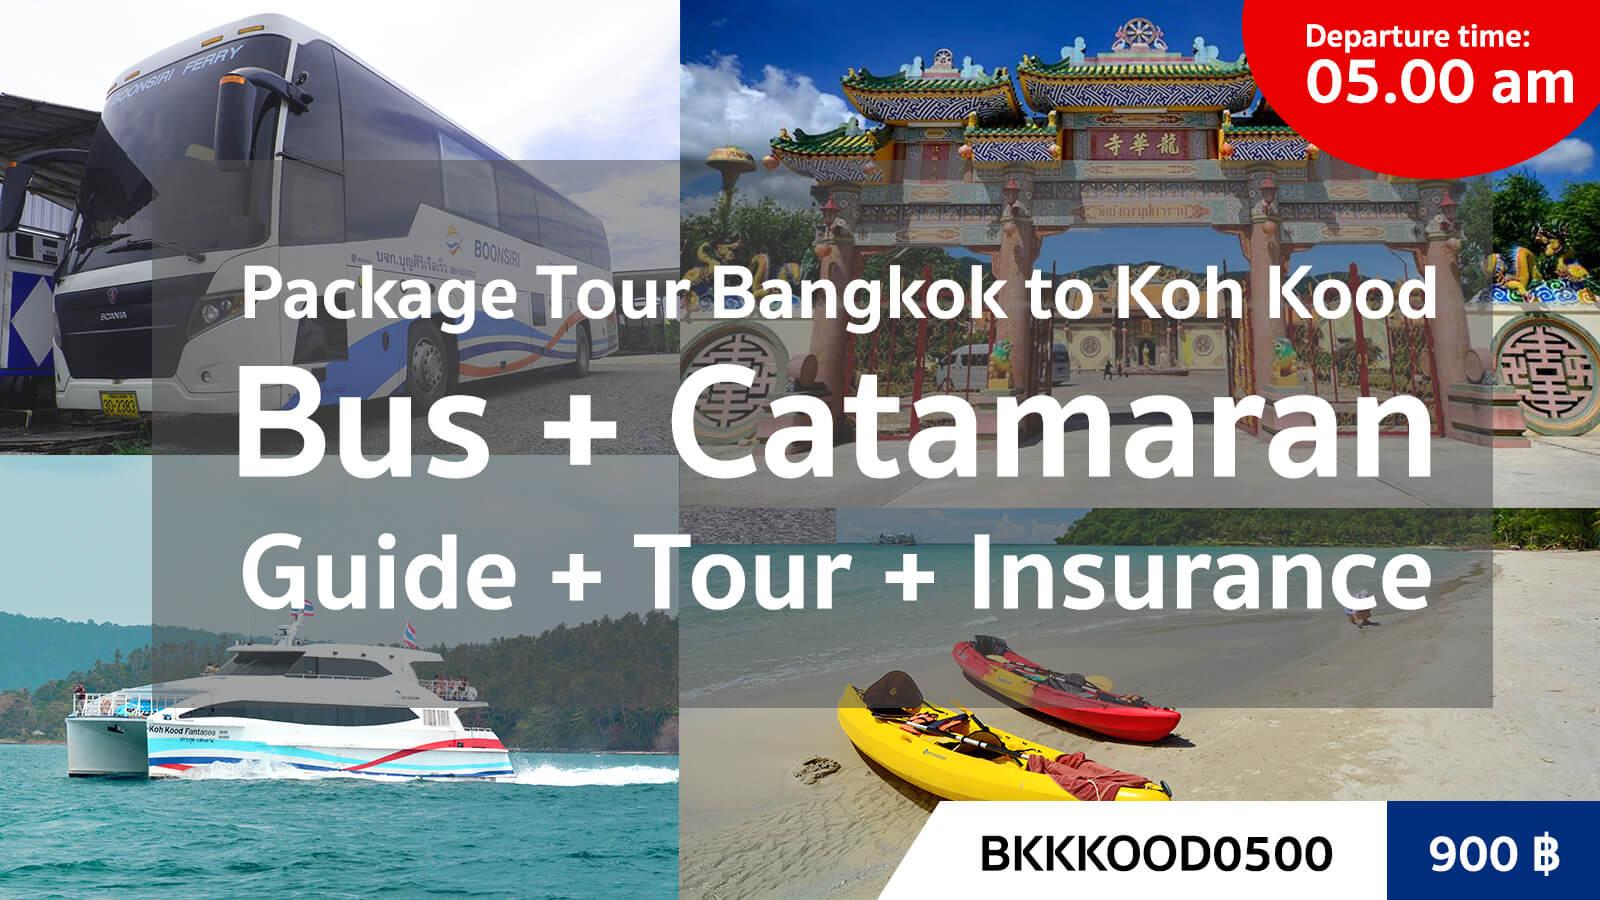 Package Tour กรุงเทพ - เกาะกูด 05.00